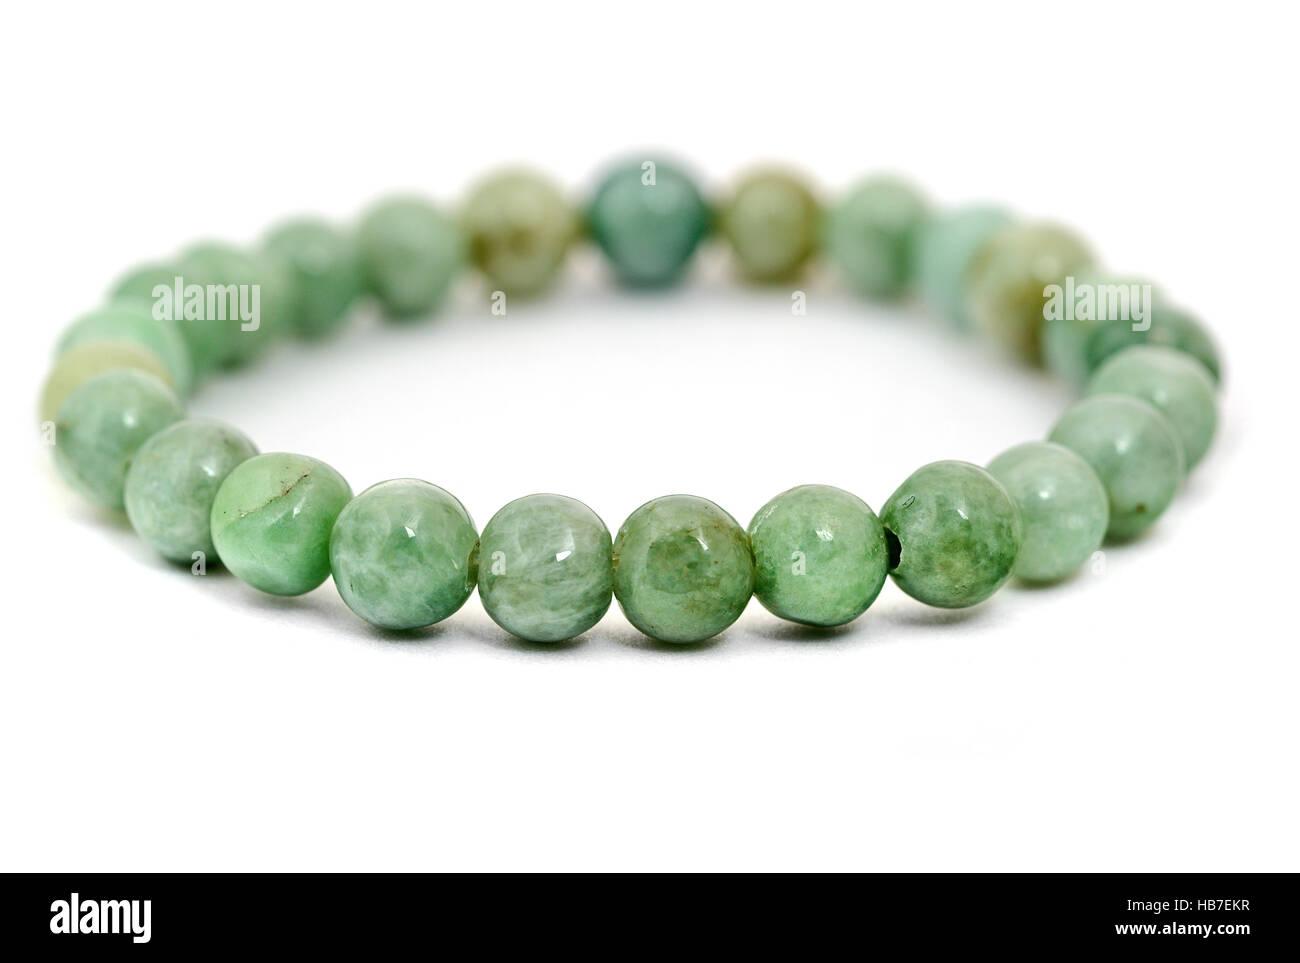 Jade bracelet isolated on white - Stock Image